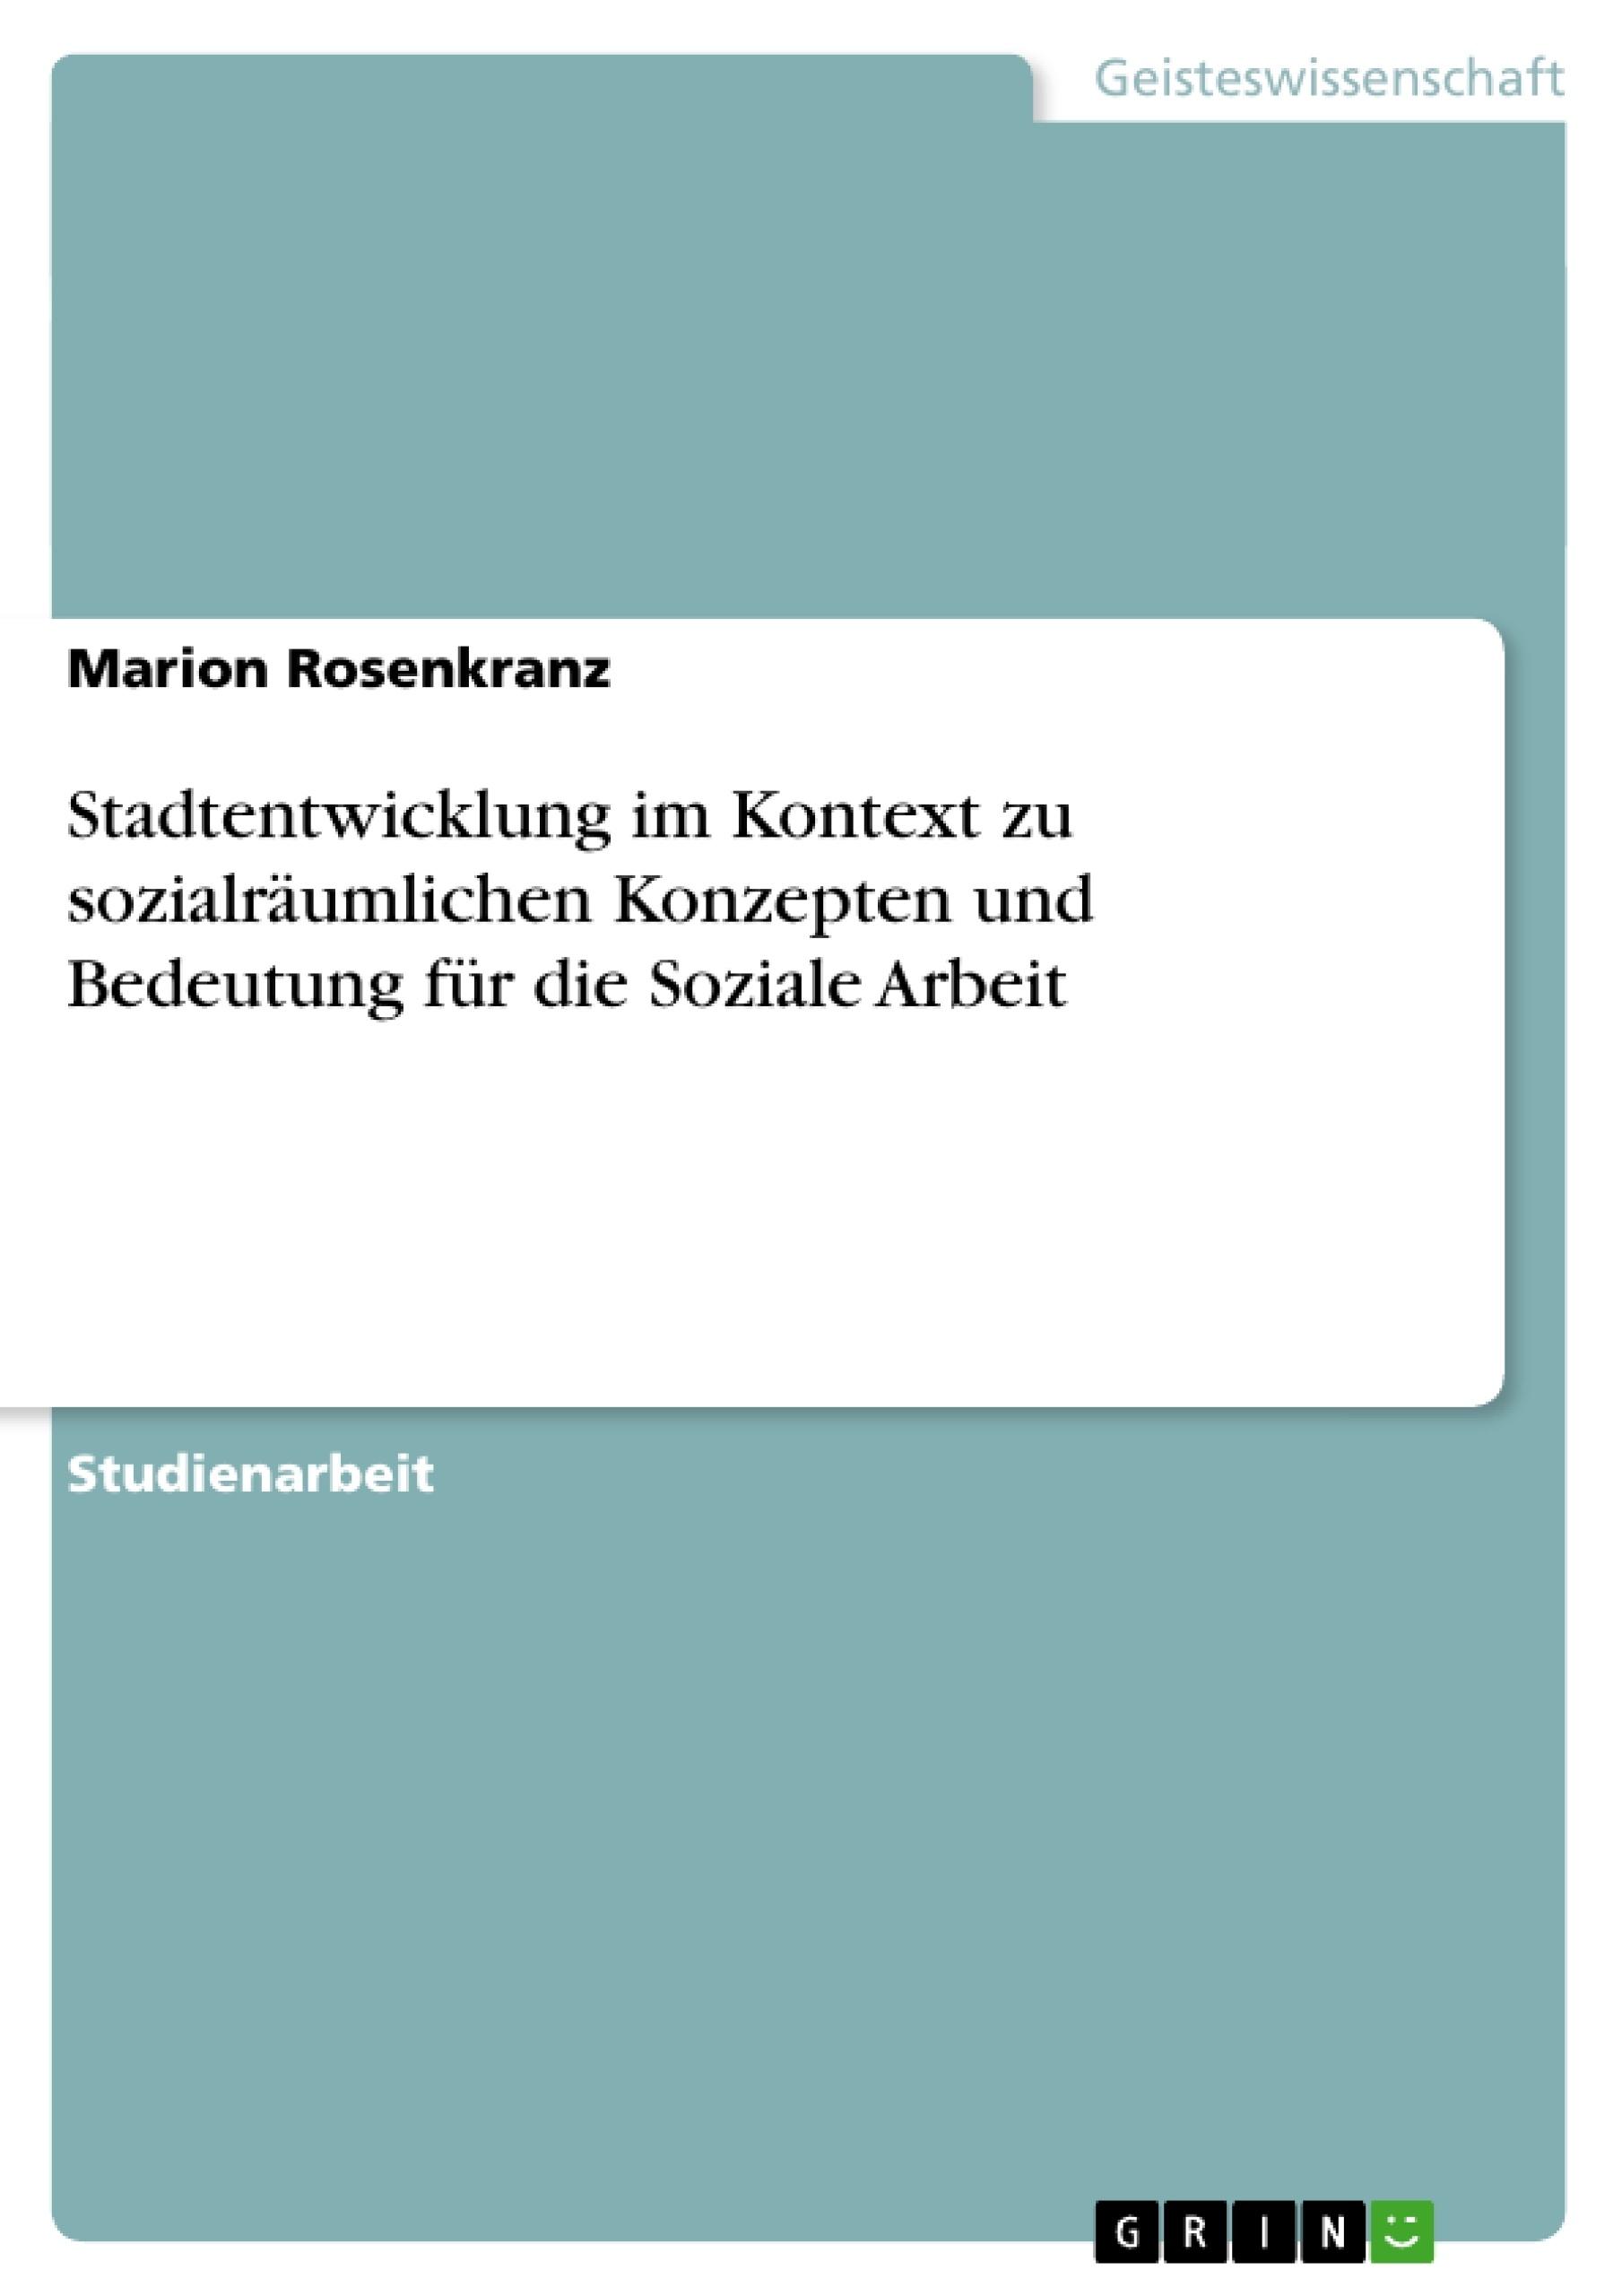 Titel: Stadtentwicklung im Kontext zu sozialräumlichen Konzepten und Bedeutung für die Soziale Arbeit